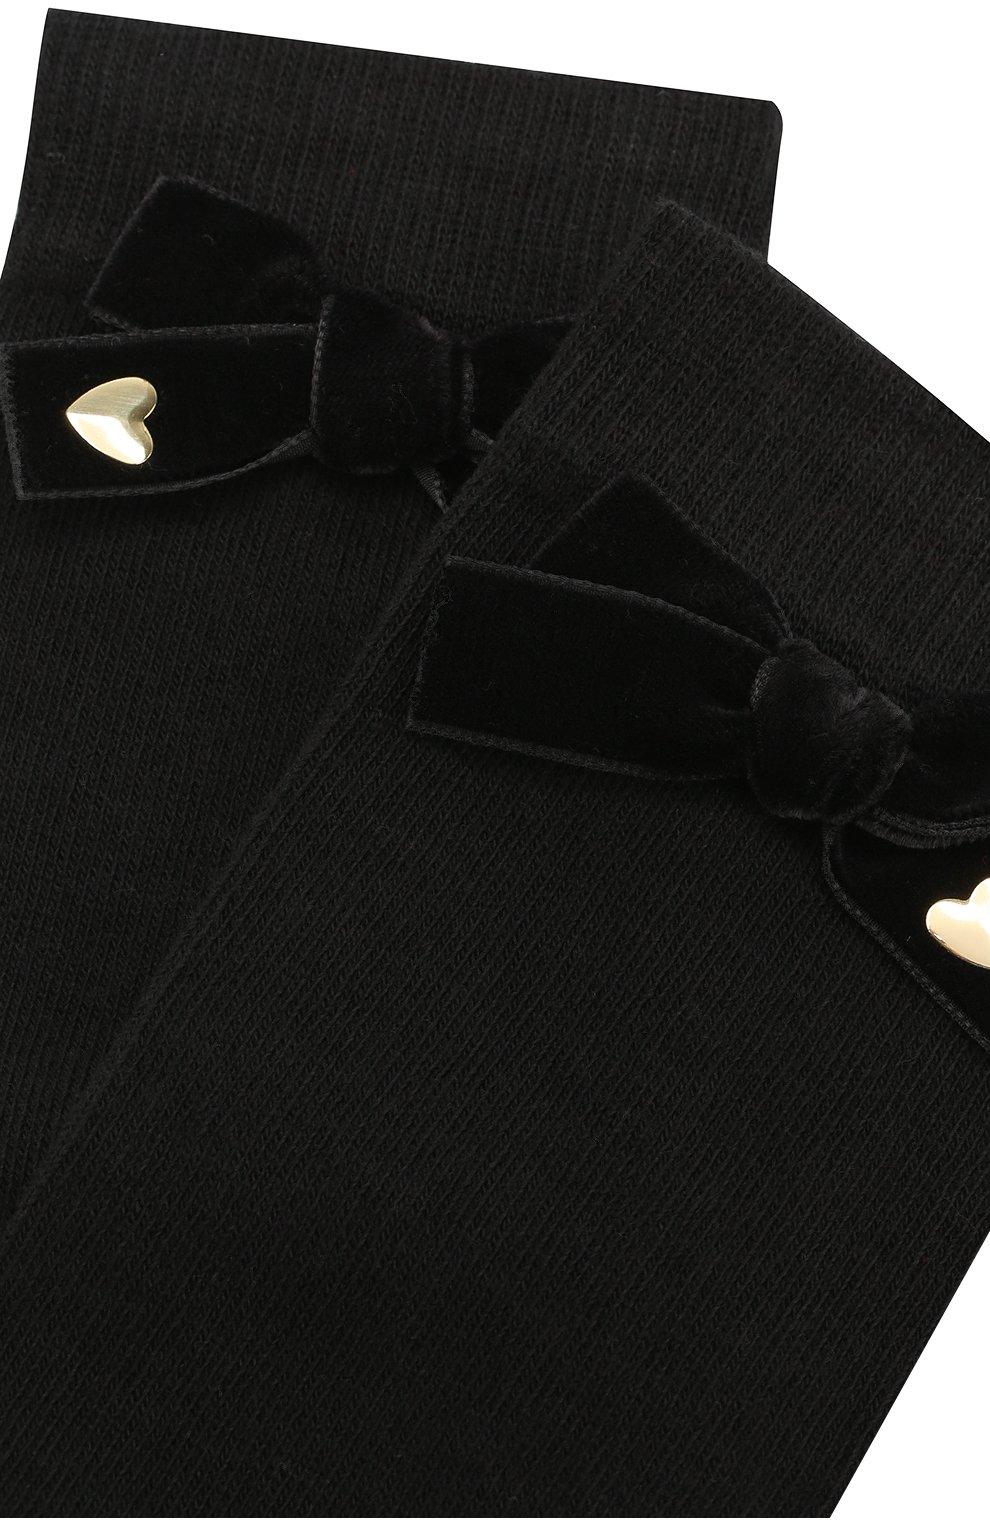 Детские хлопковые носки с бантом Twinset черного цвета   Фото №2